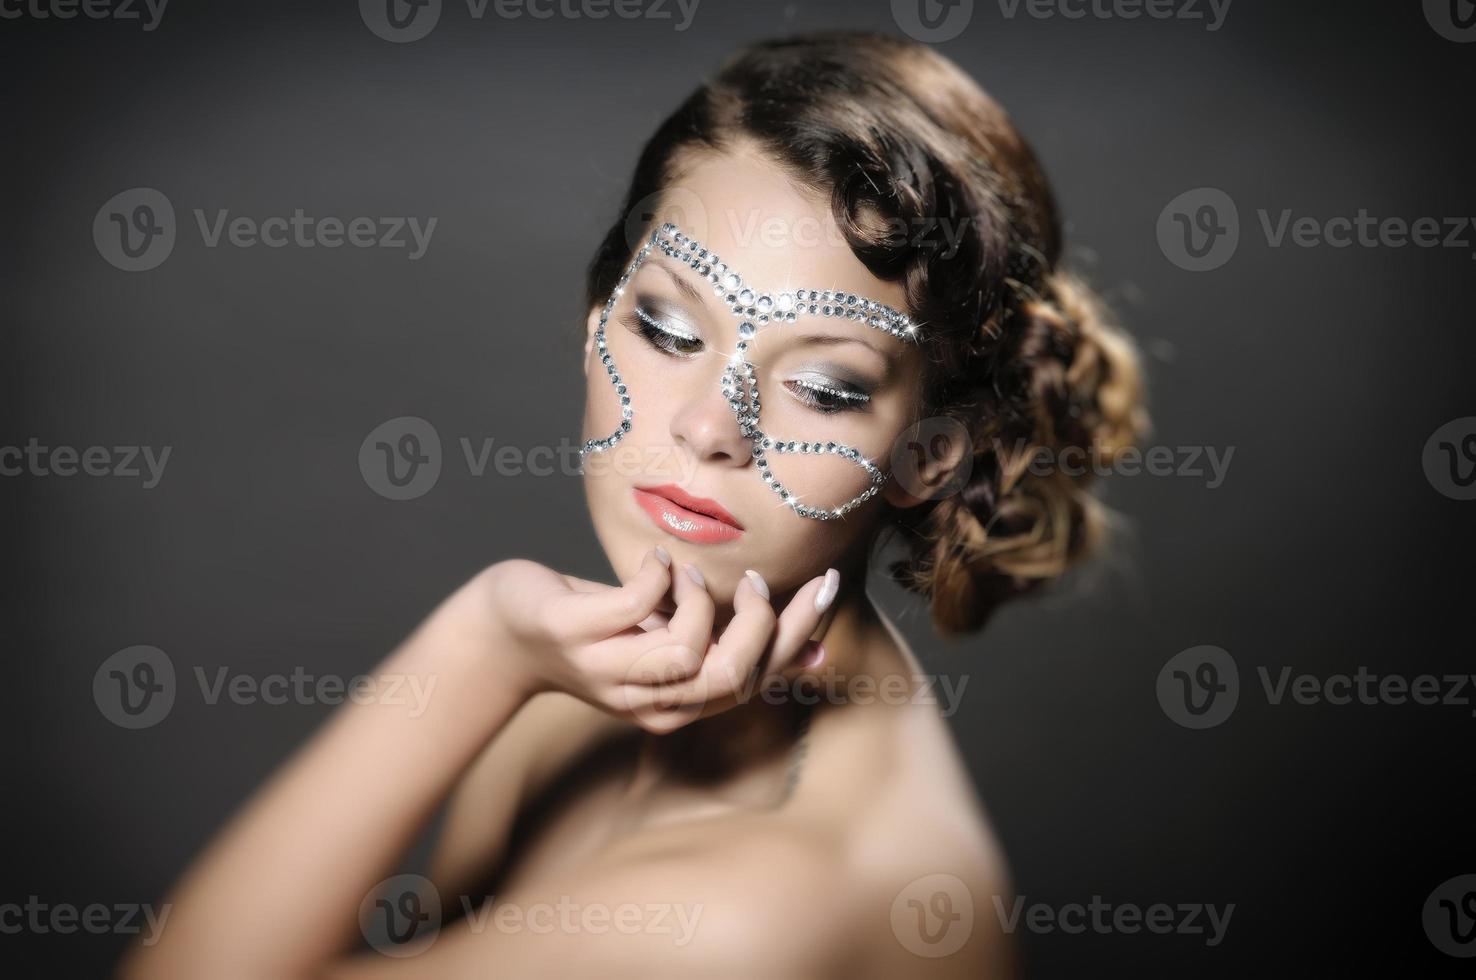 Mädchen mit Diamant Make-up foto